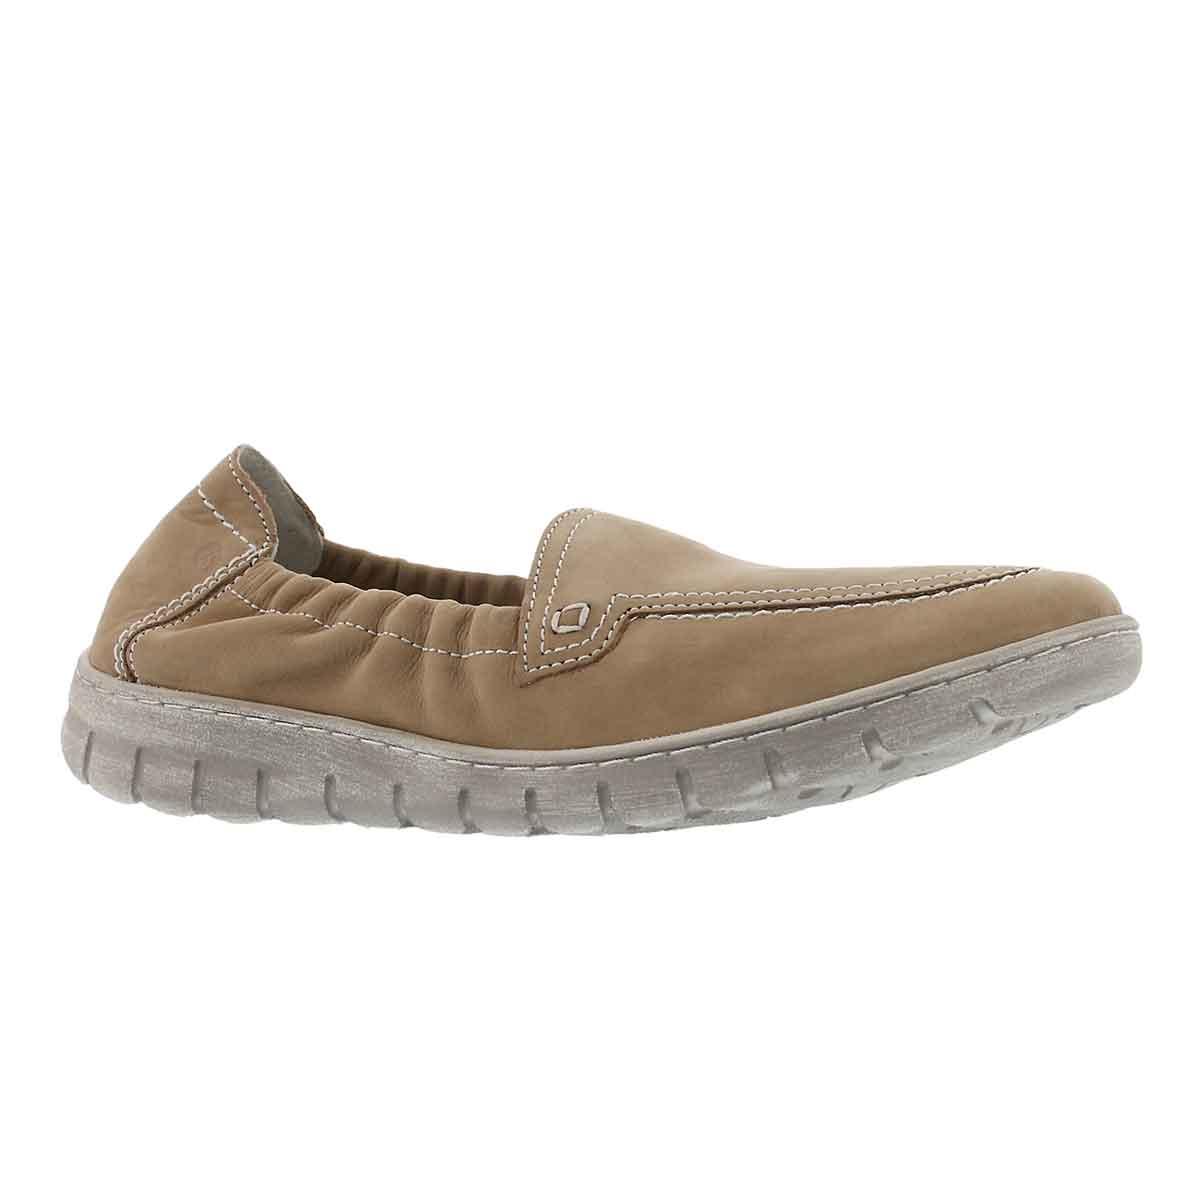 Women's STEFFI 57 beige slip on shoes